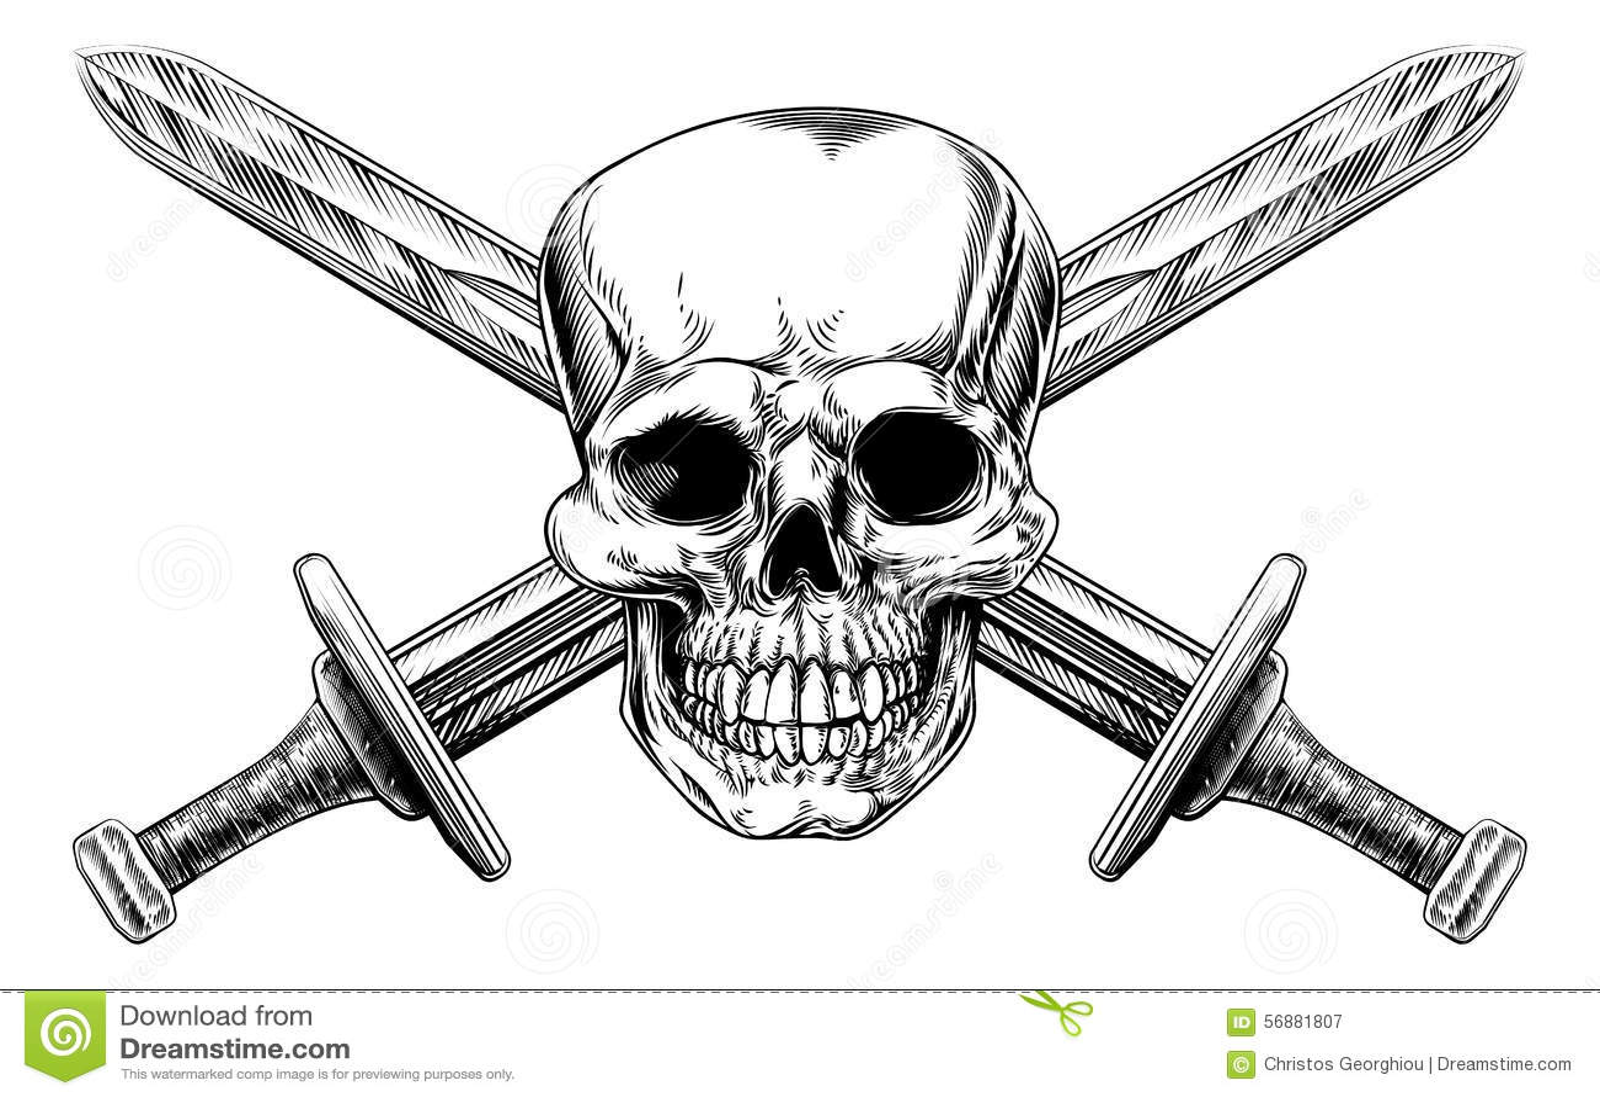 Skull Cross Swords Stock Vector Illustration Of Carving